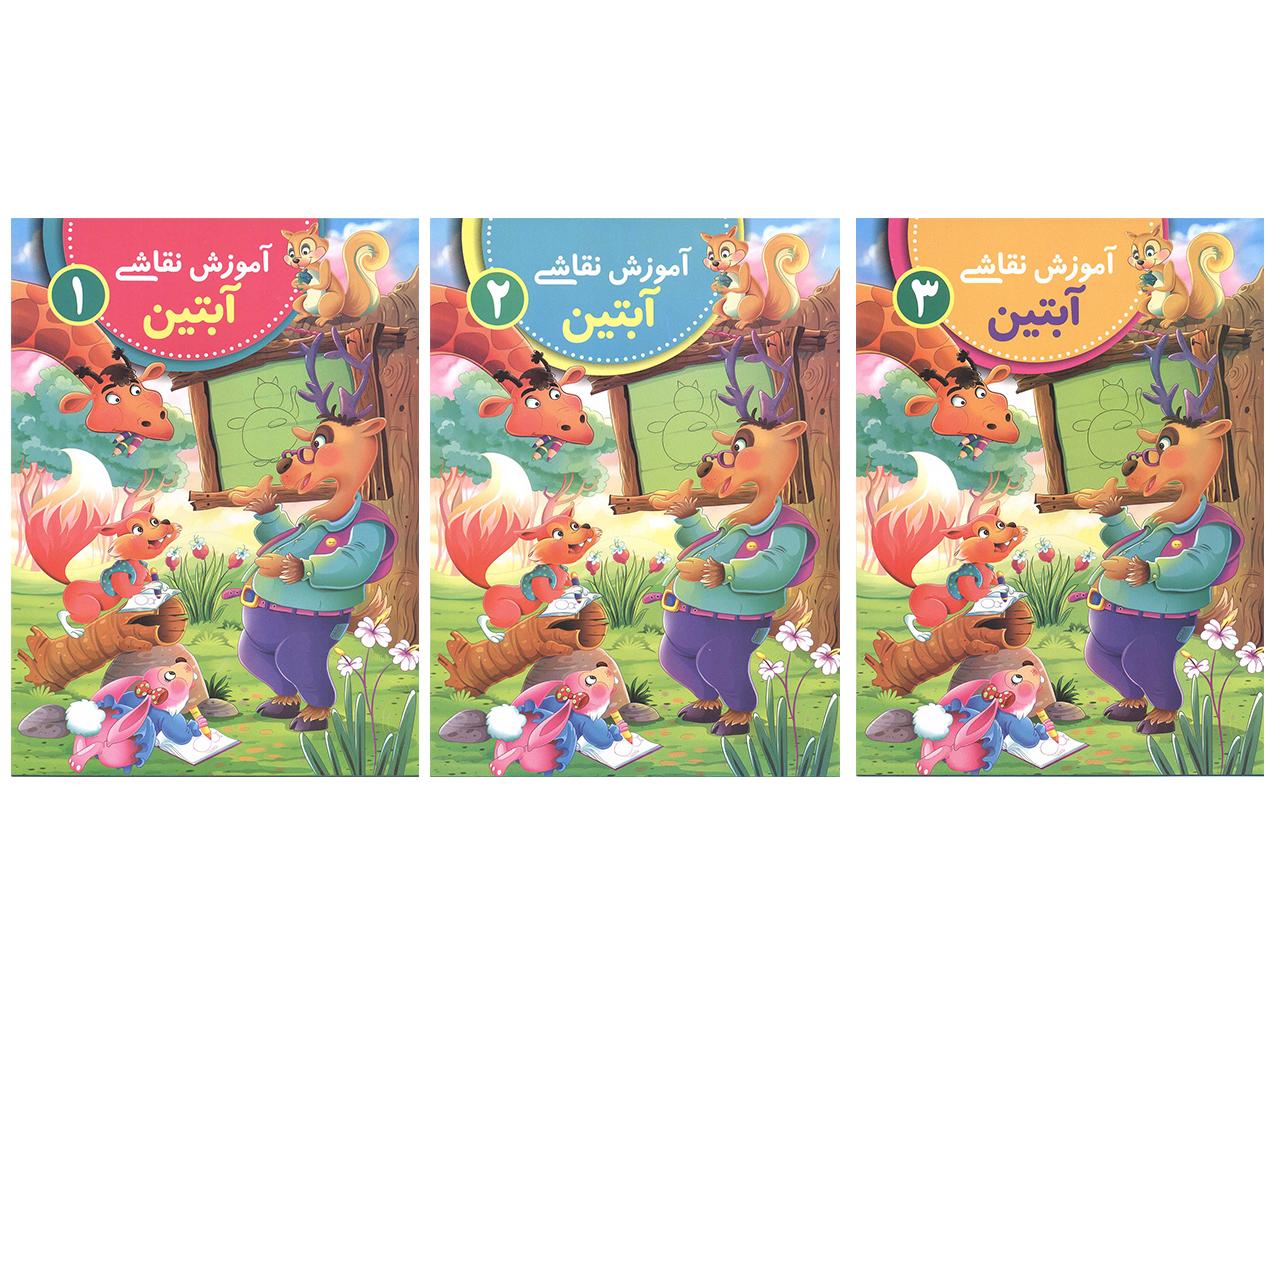 کتاب آموزش نقاشی آبتین اثرمحمدجواد گلشنی مجموعه 3 جلدی نشر کودک یار